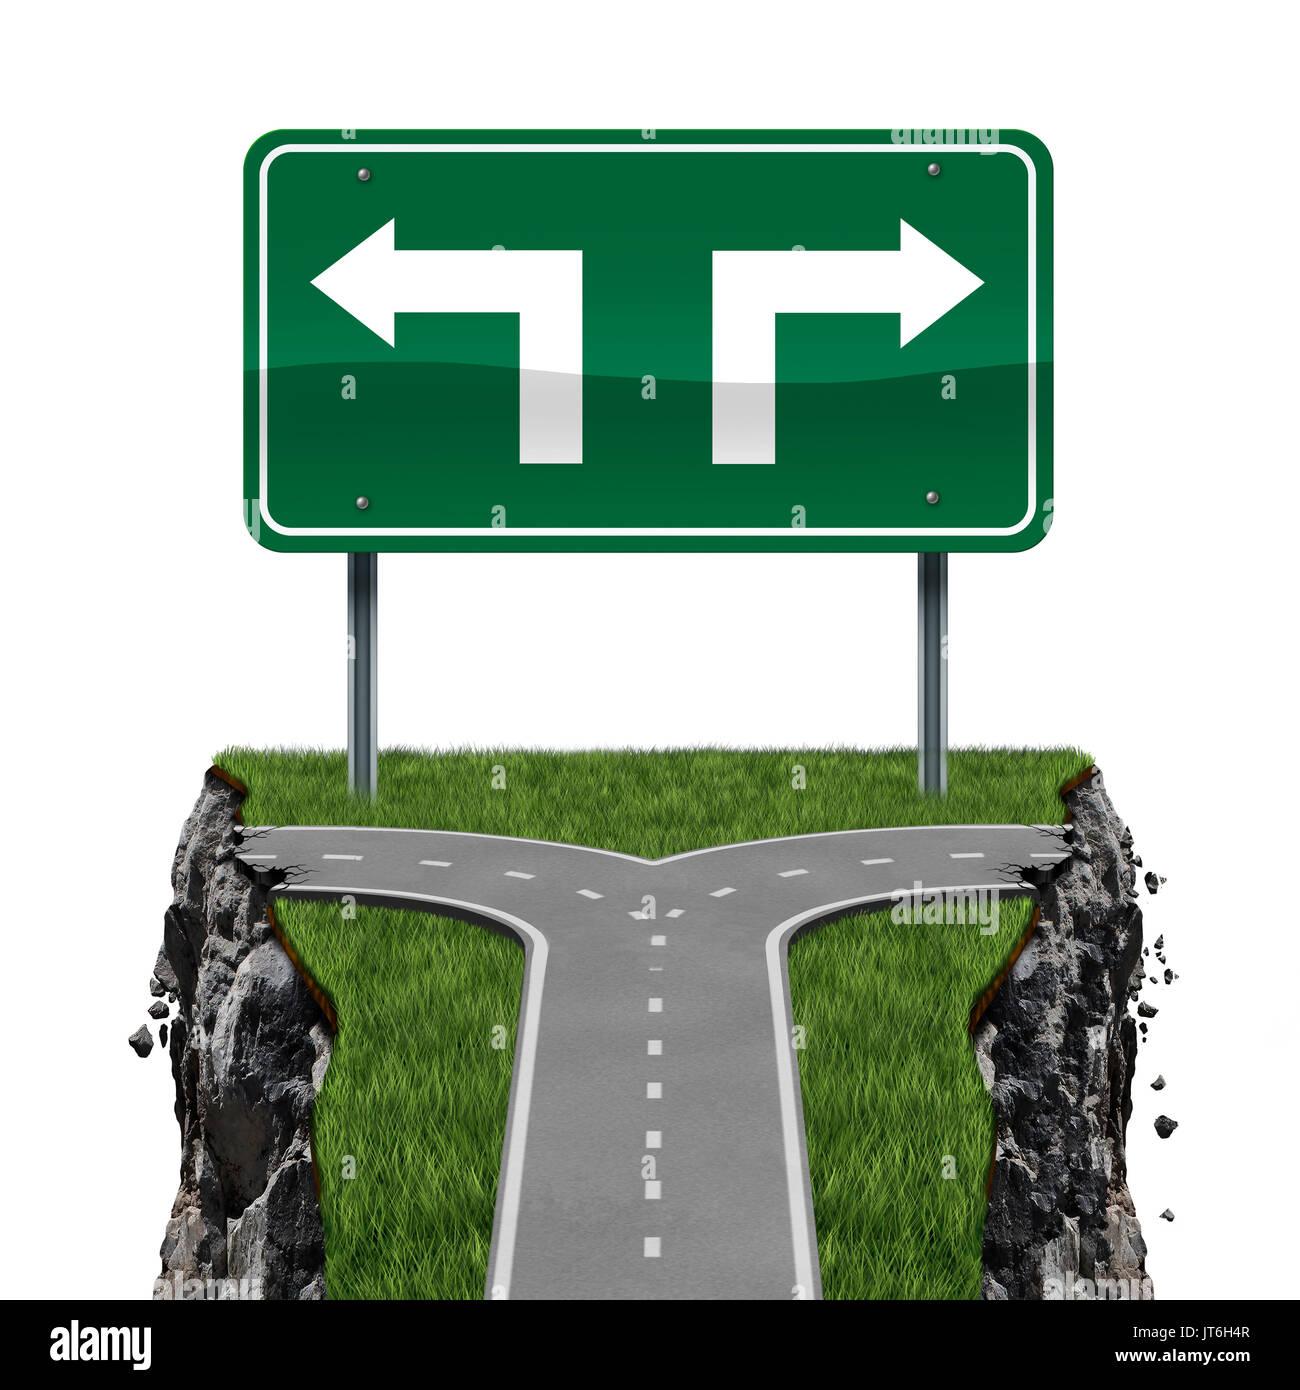 Options Impossible concept commercial et arriver à une impasse comme un carrefour routier ou conduisant à un manque d'occasion. Photo Stock